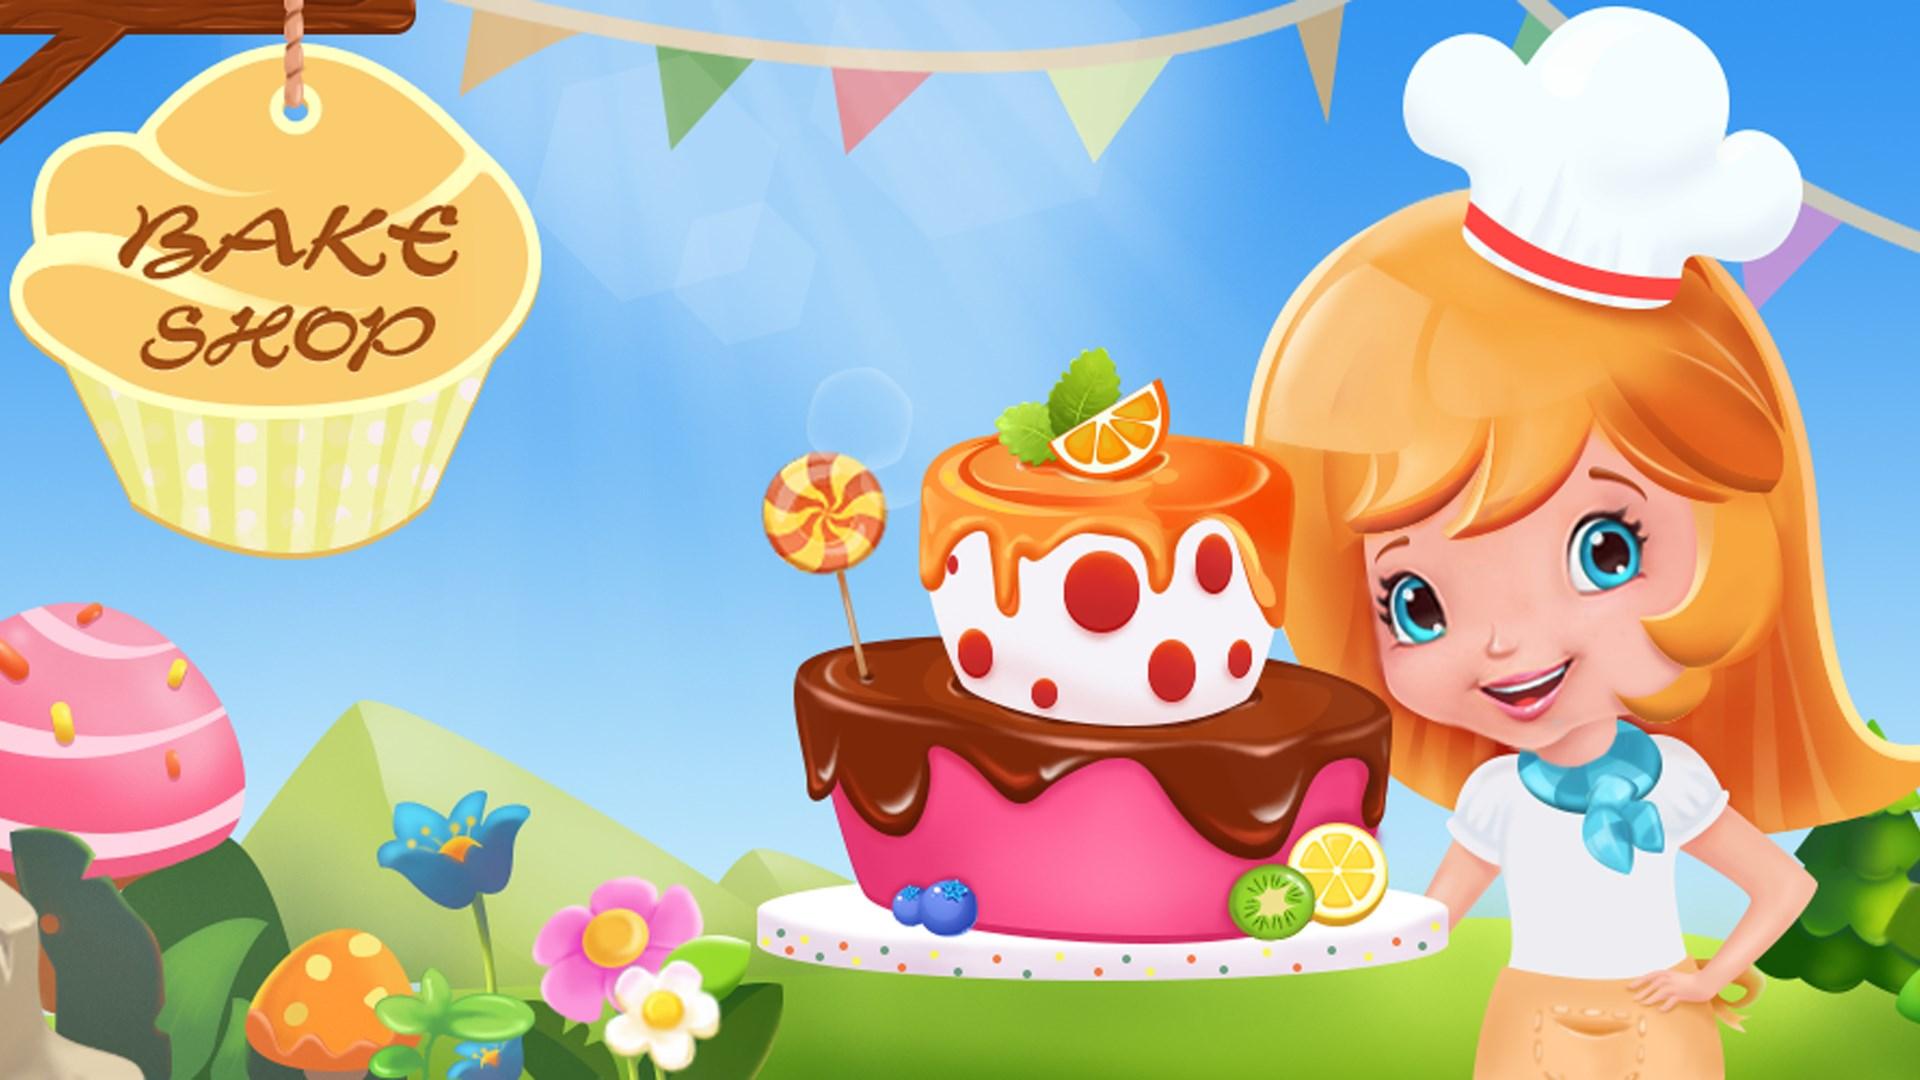 使用各种精美可爱的装饰品装饰蛋糕.  6.